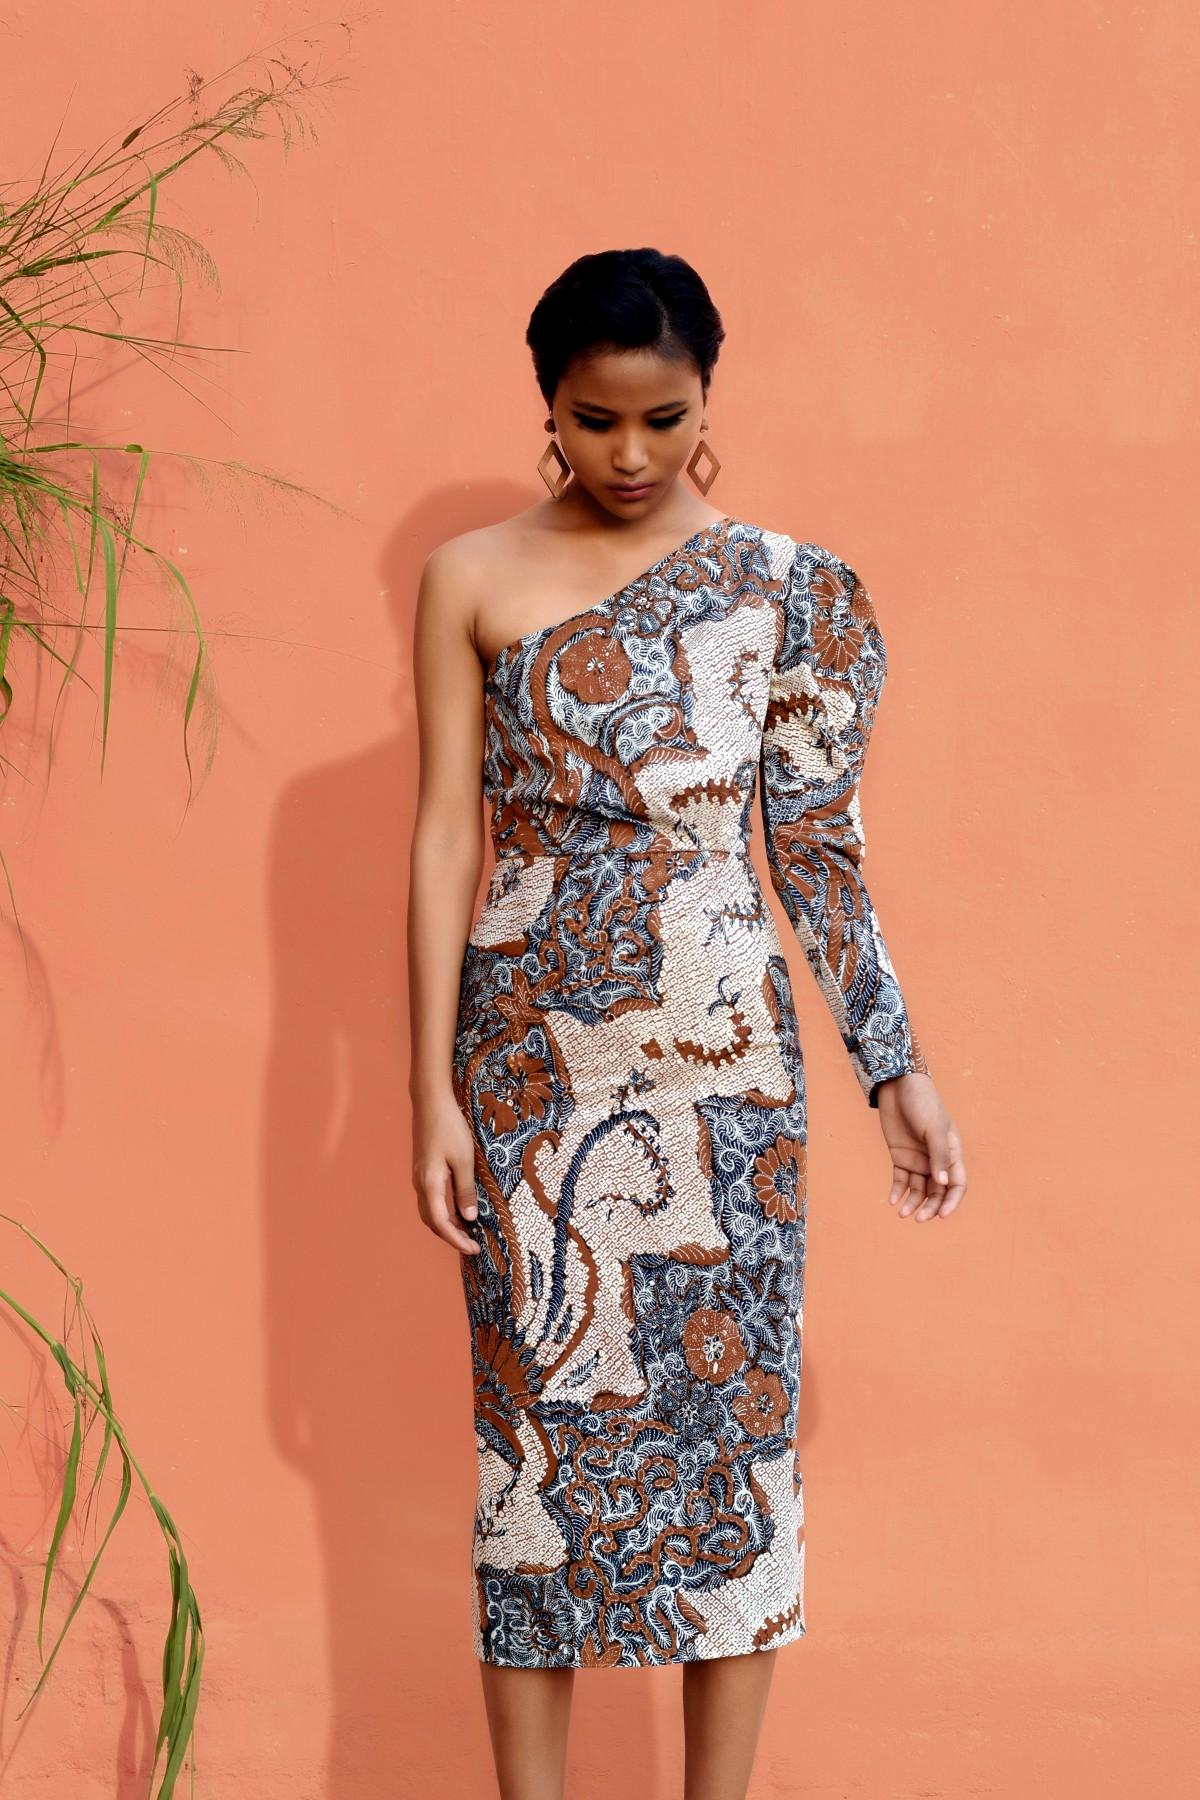 deca665afeff9 Batik Print One Shoulder Dress